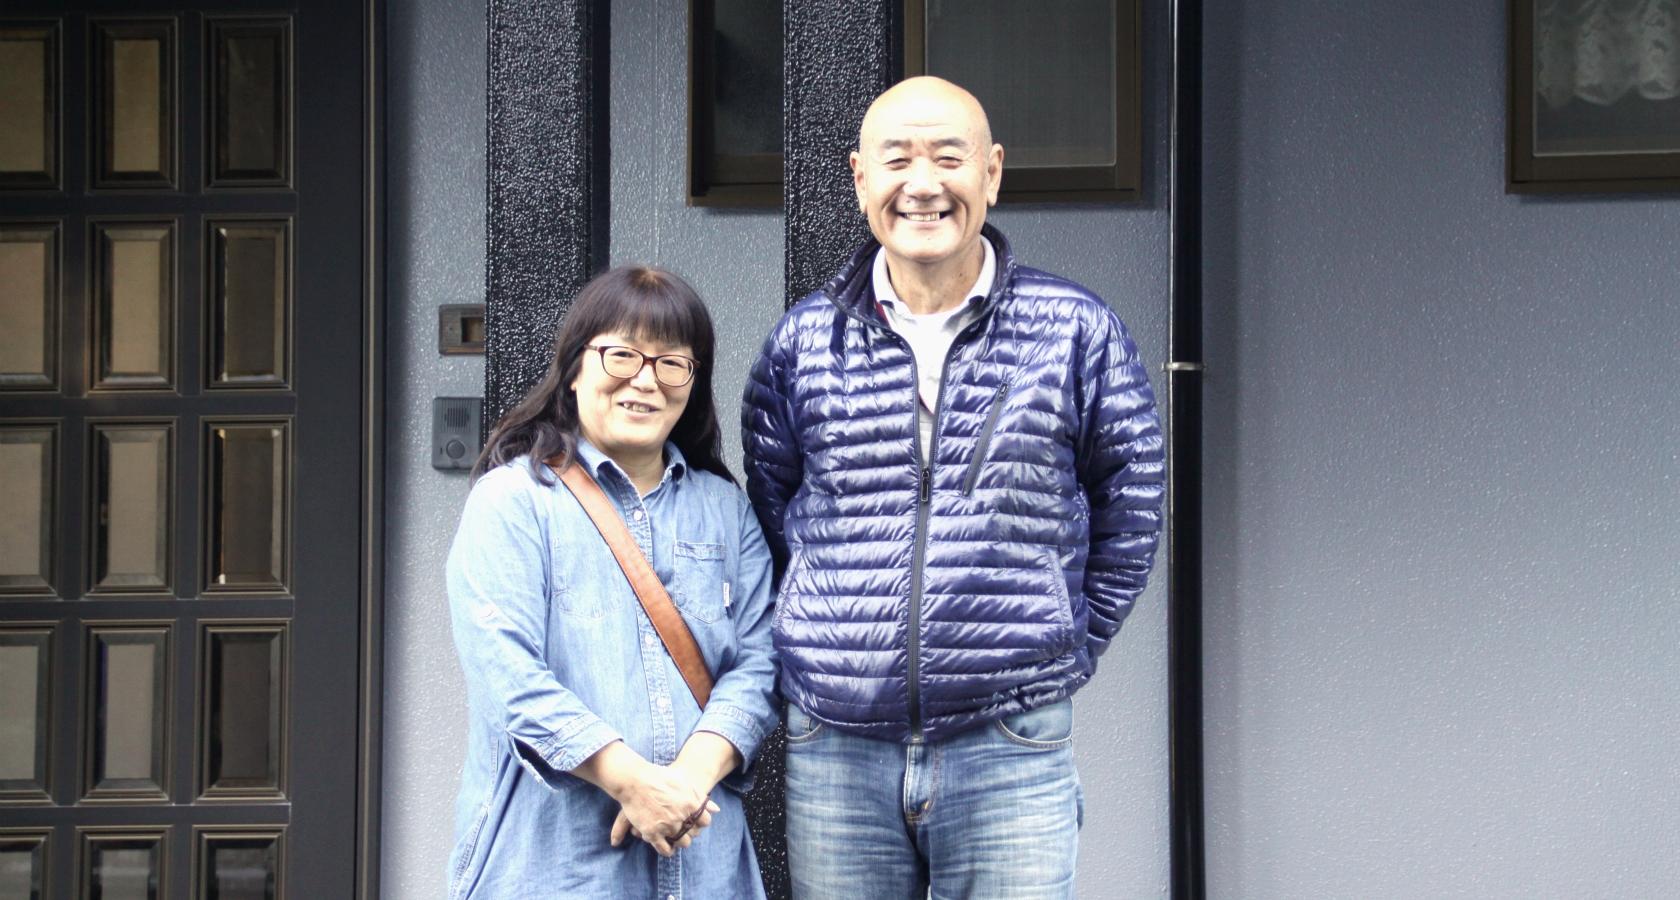 鳥取市のシェアハウス、あんねこんねのオーナー